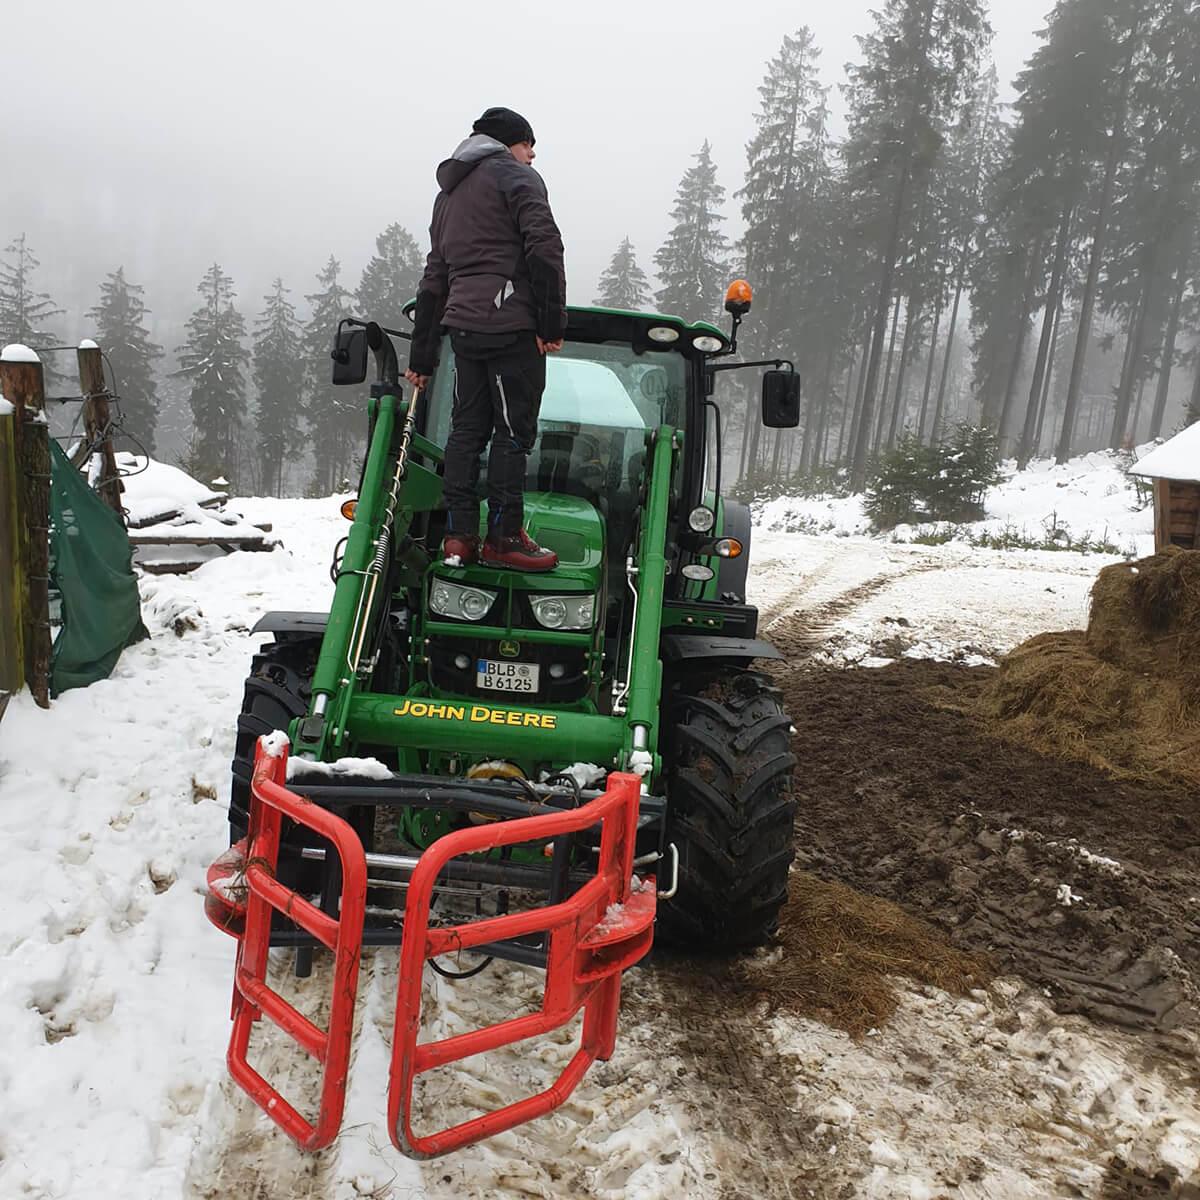 Wisent-Ranger steht auf dem Traktor in der verschneiten Wisent-Wildnis um sich einen Überblick zu verschaffen